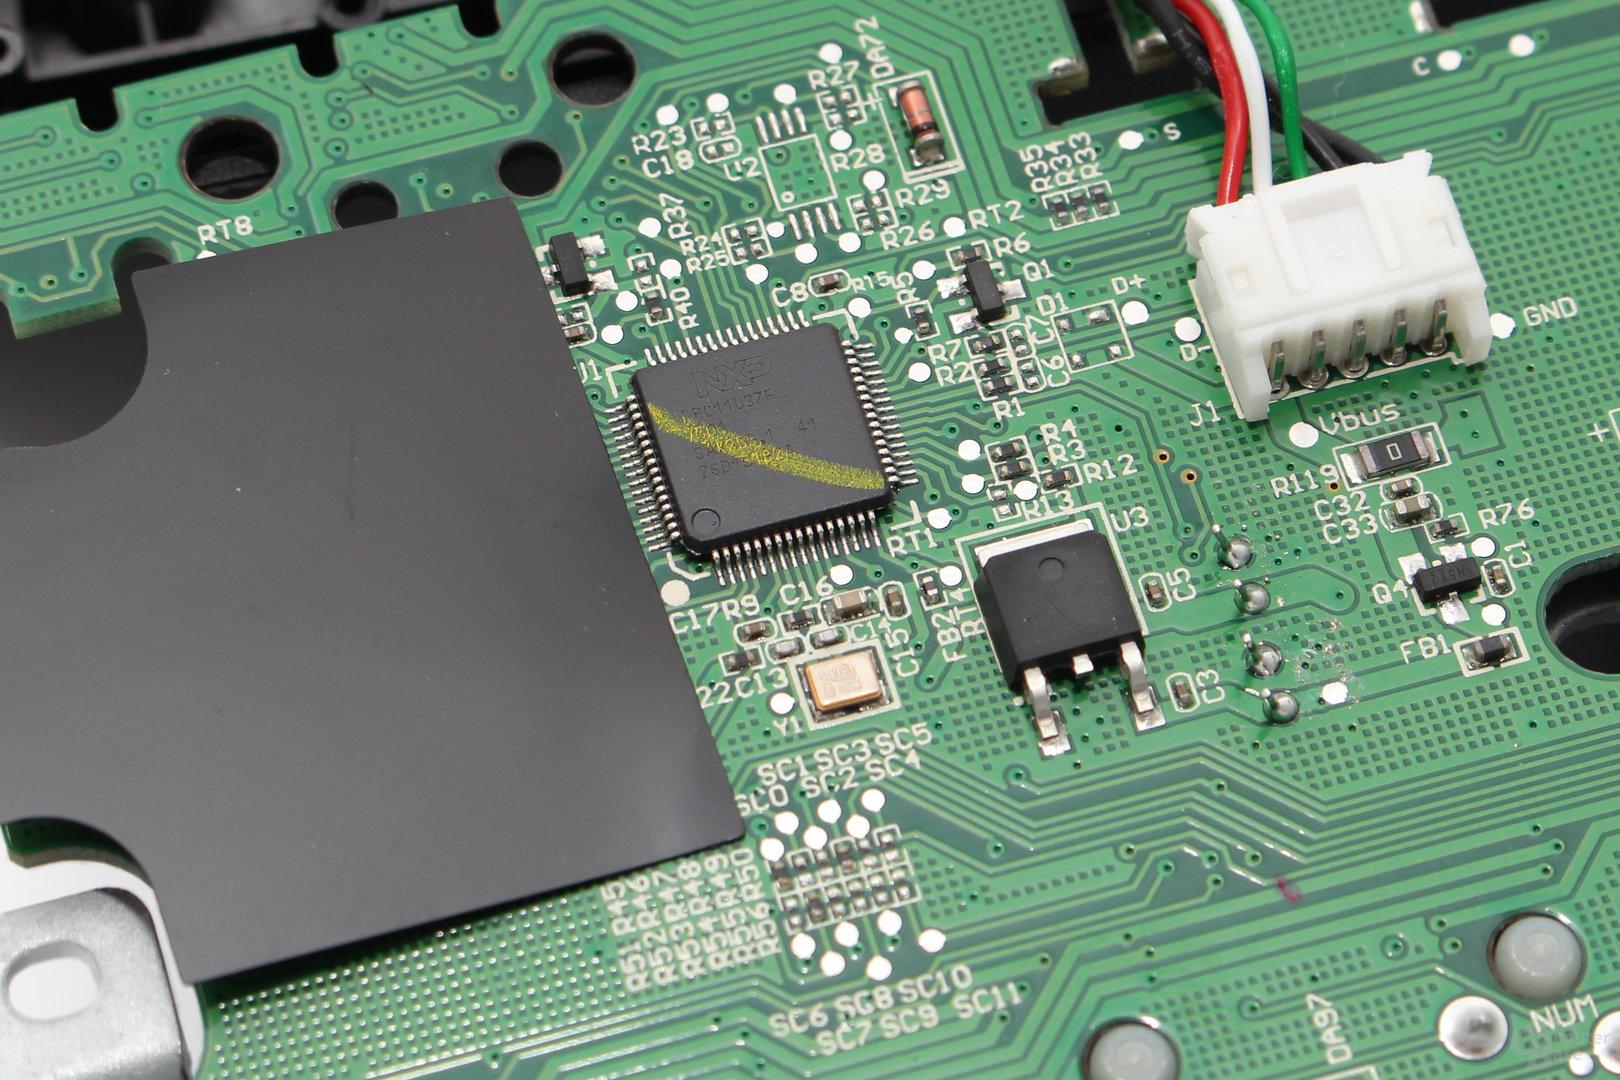 Ein Mikroprozessor des Typs NXP PC11U37F (ARM Cortex-M0) verarbeitet Signale